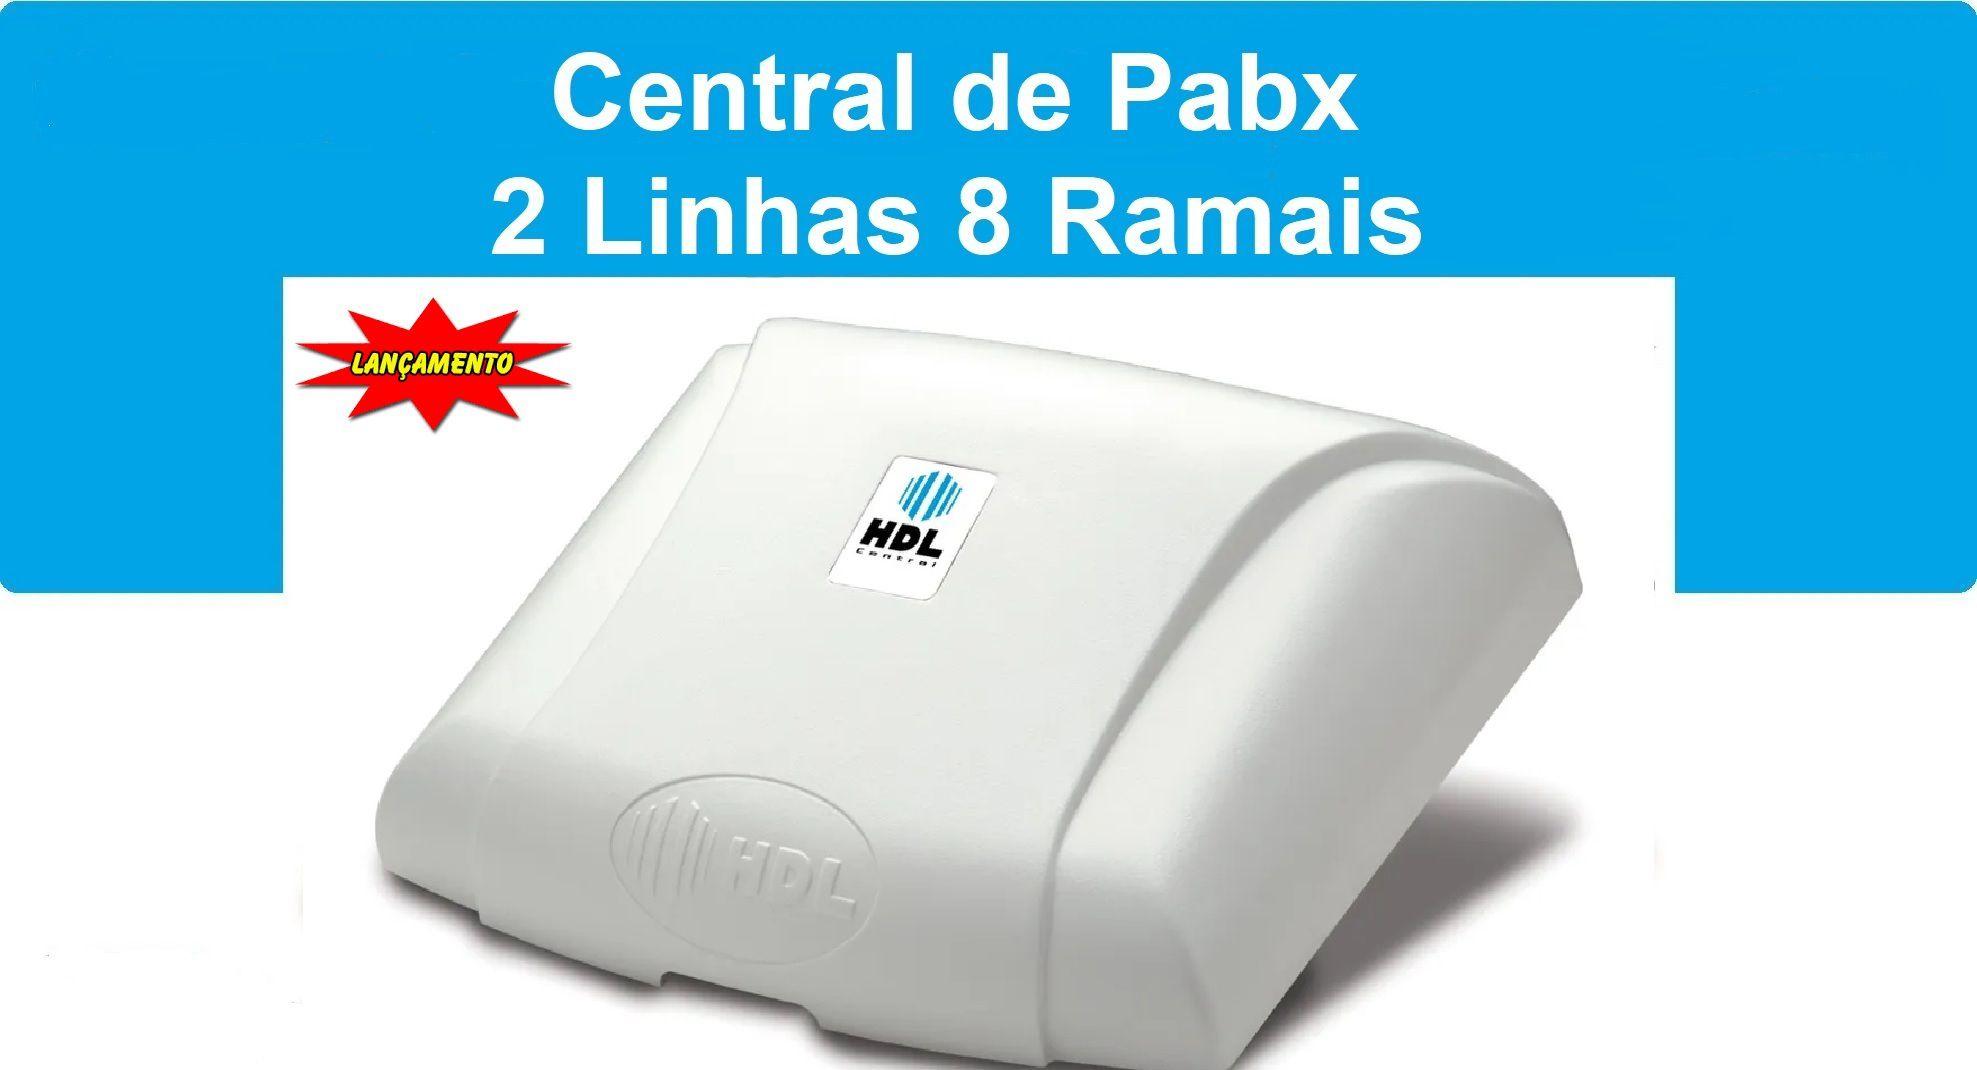 Central de Pabx Centrix  c/ 2 Linhas e 8 Ramais HDL